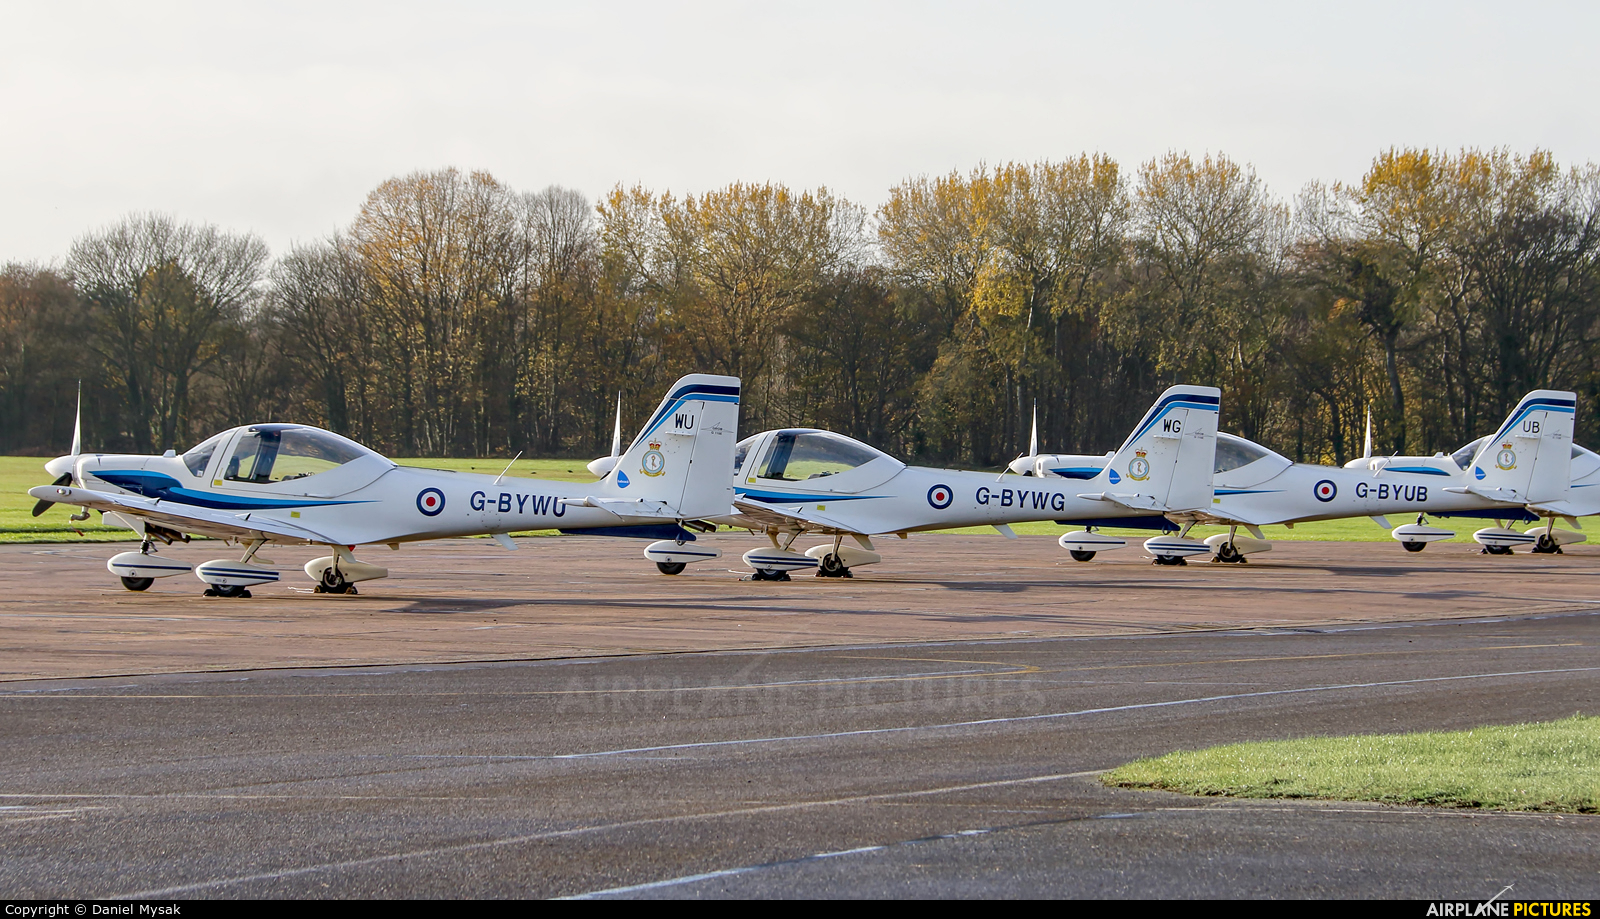 Royal Air Force: Air Cadets G-BYWU aircraft at Cosford